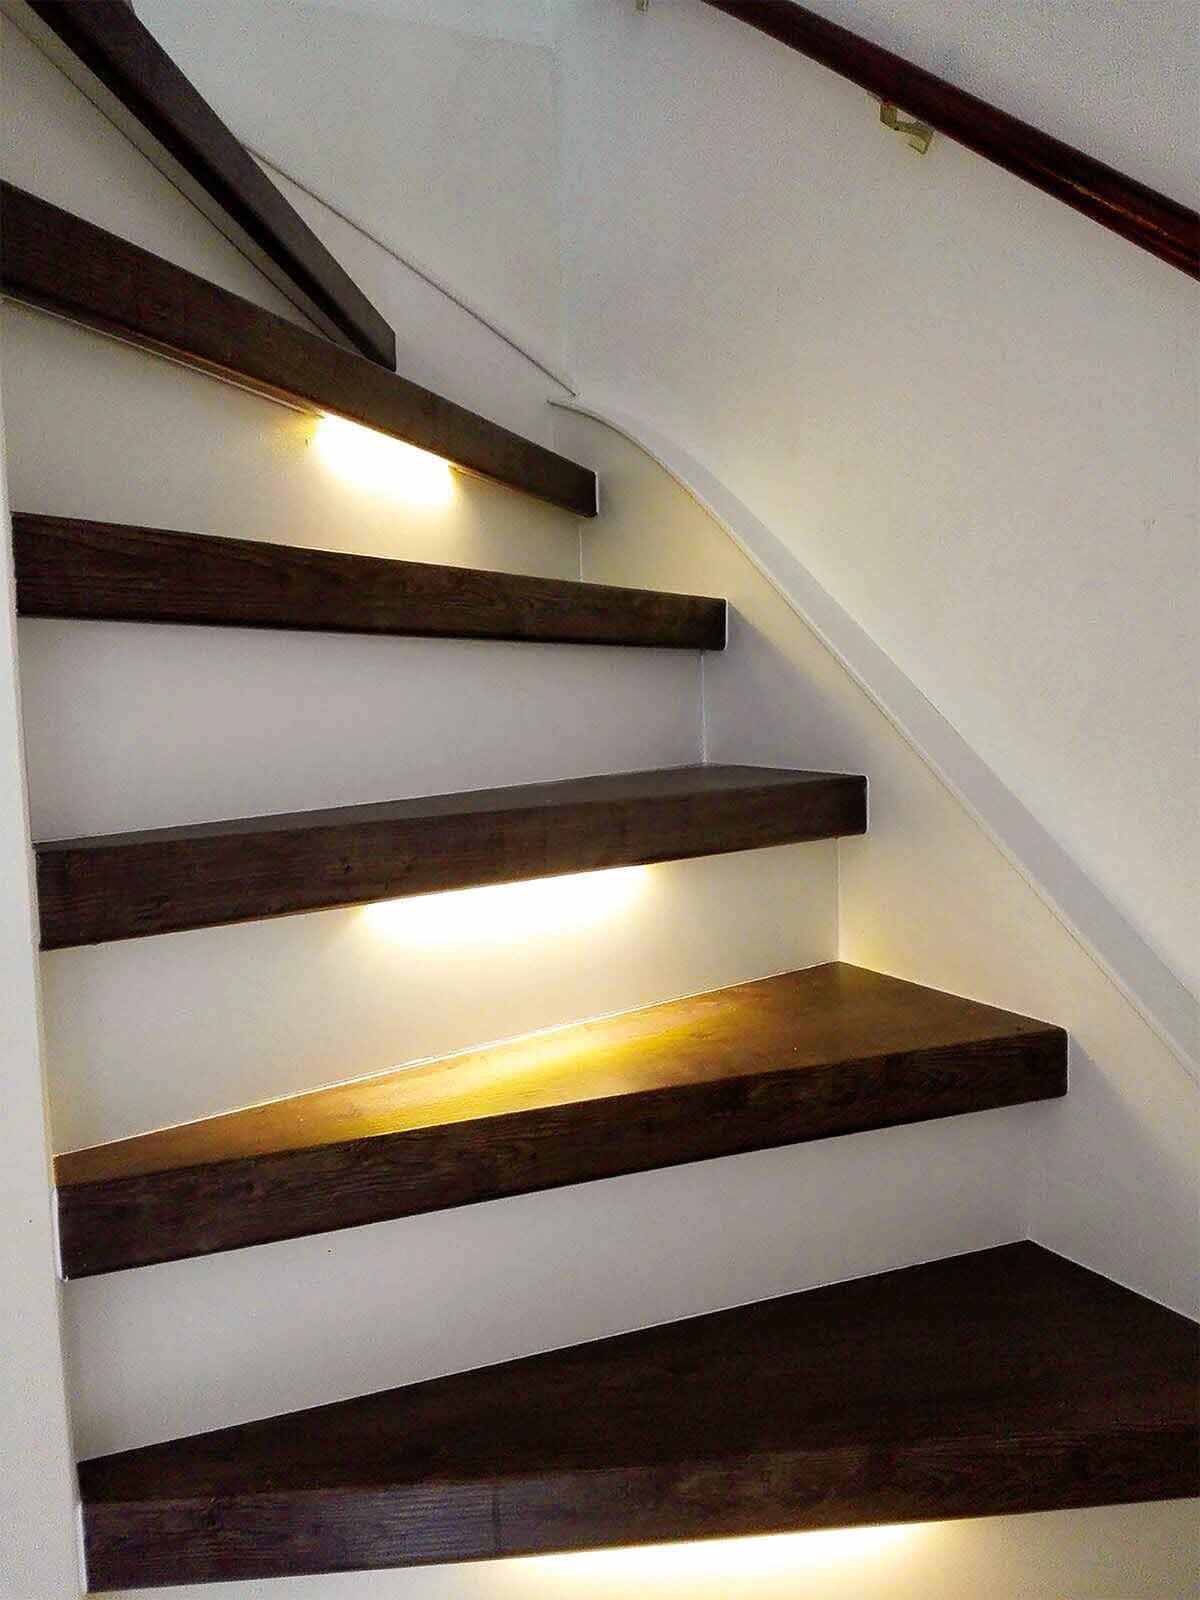 Led verlichting kan een trap helemaal af maken.